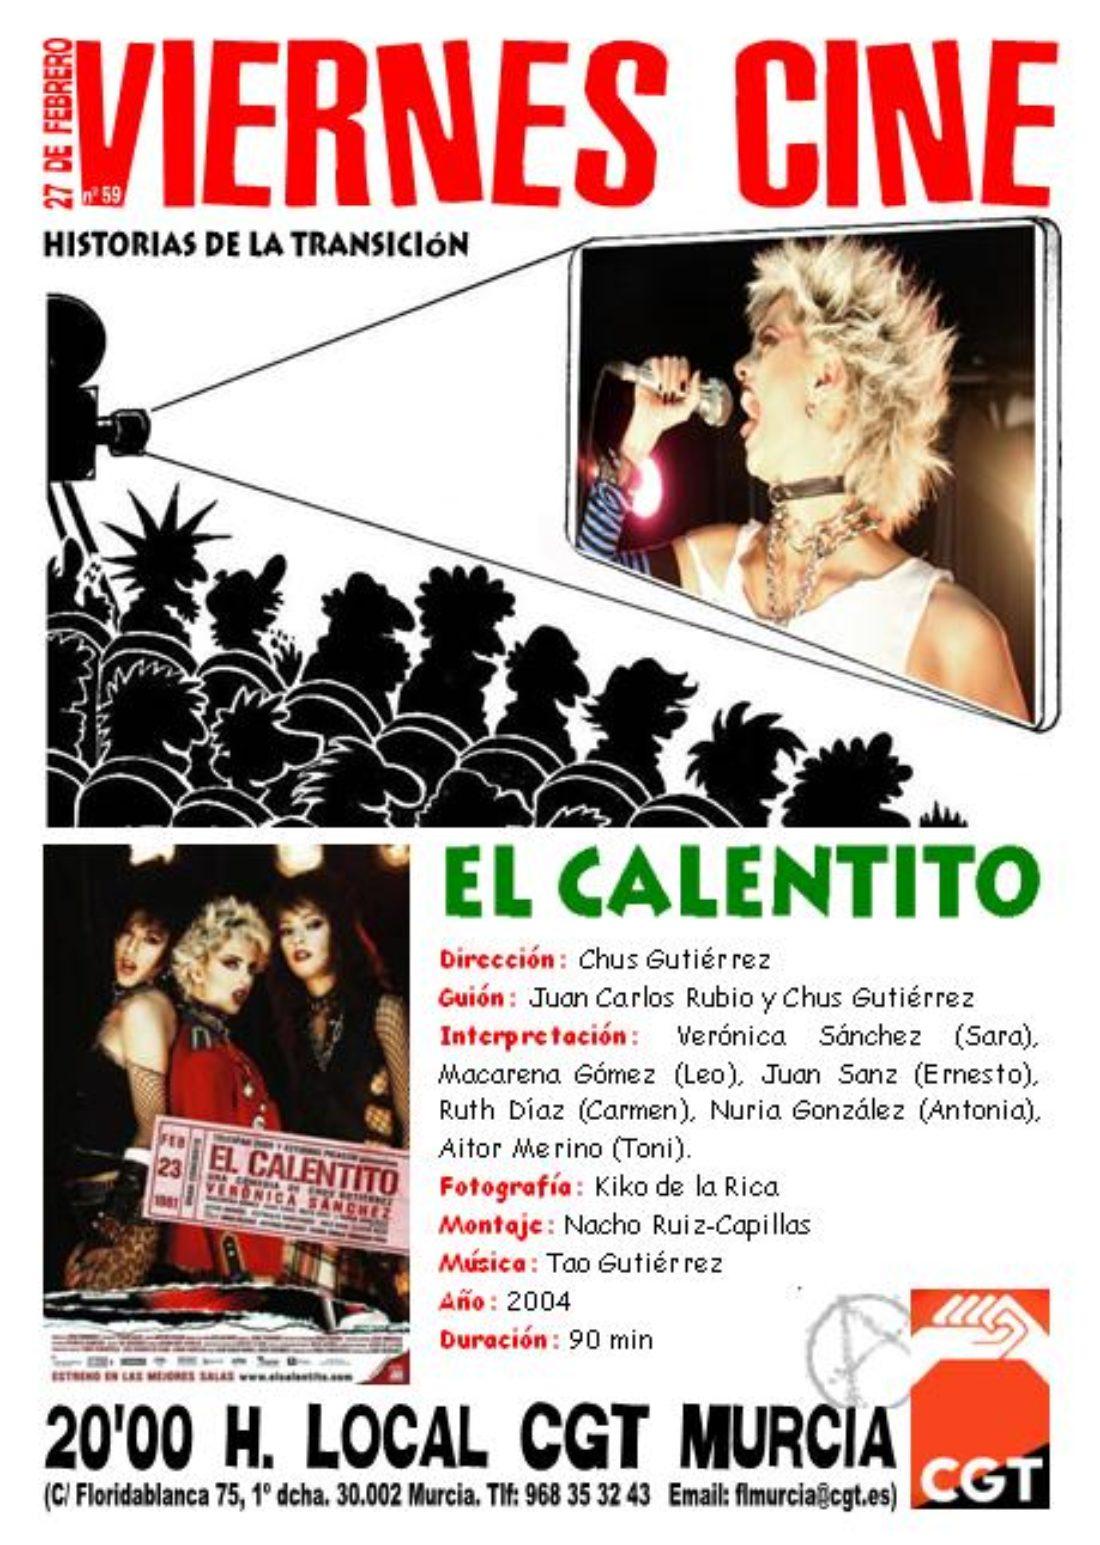 VIERNES CINE. El 27 de febrero EL CALENTITO a las 20'00 h. en el local de CGT en Murcia